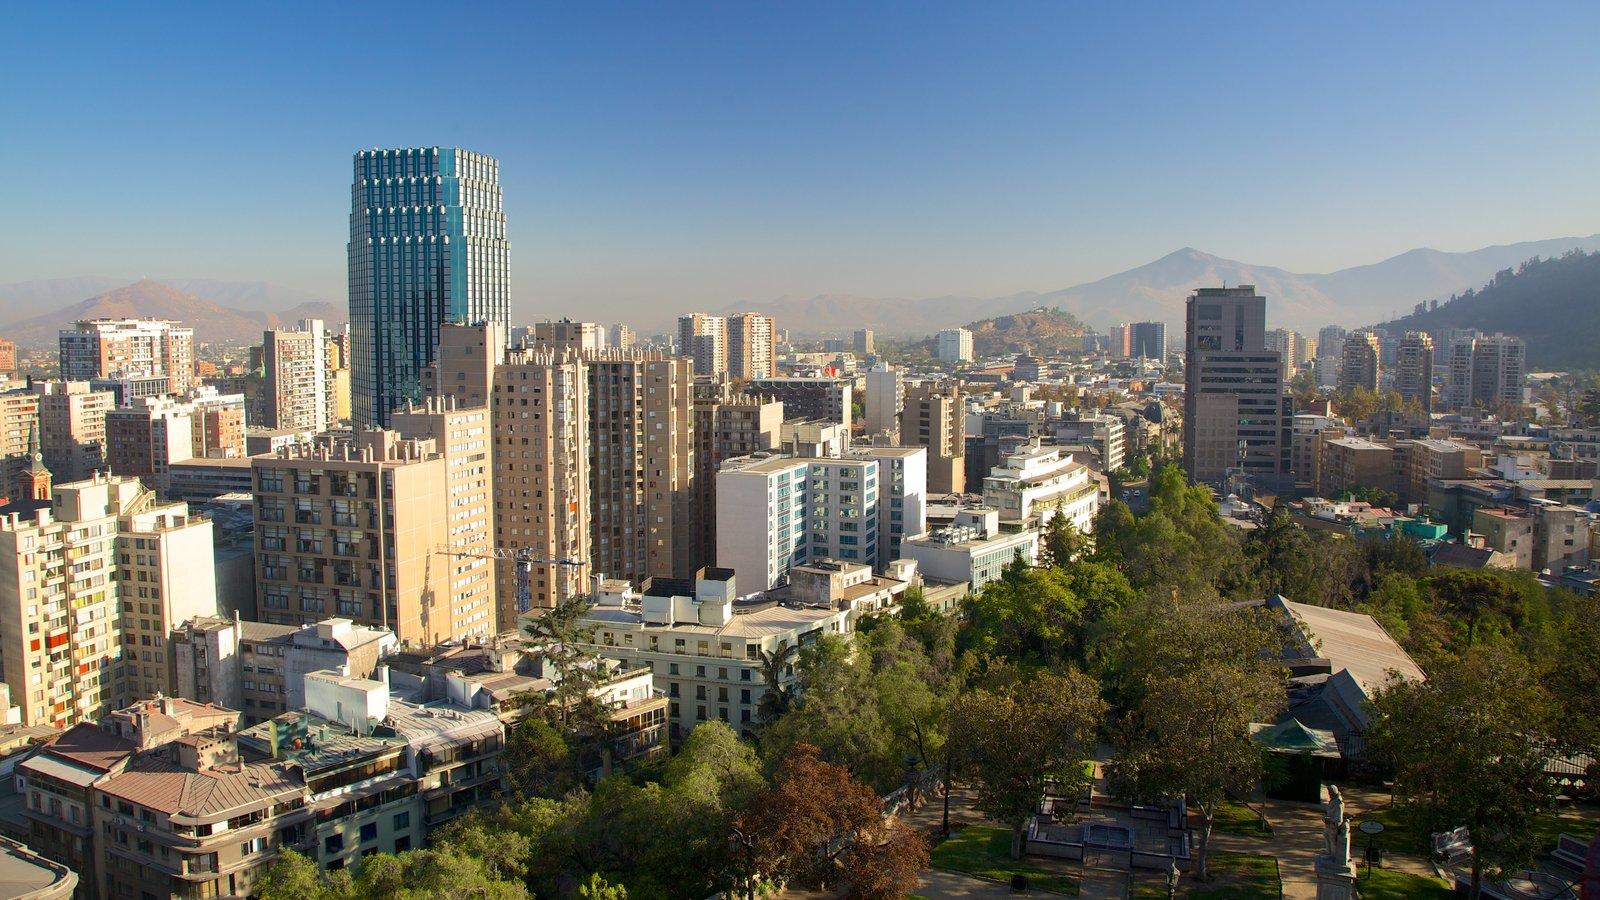 Santiago caracterizando cbd, paisagem e uma cidade